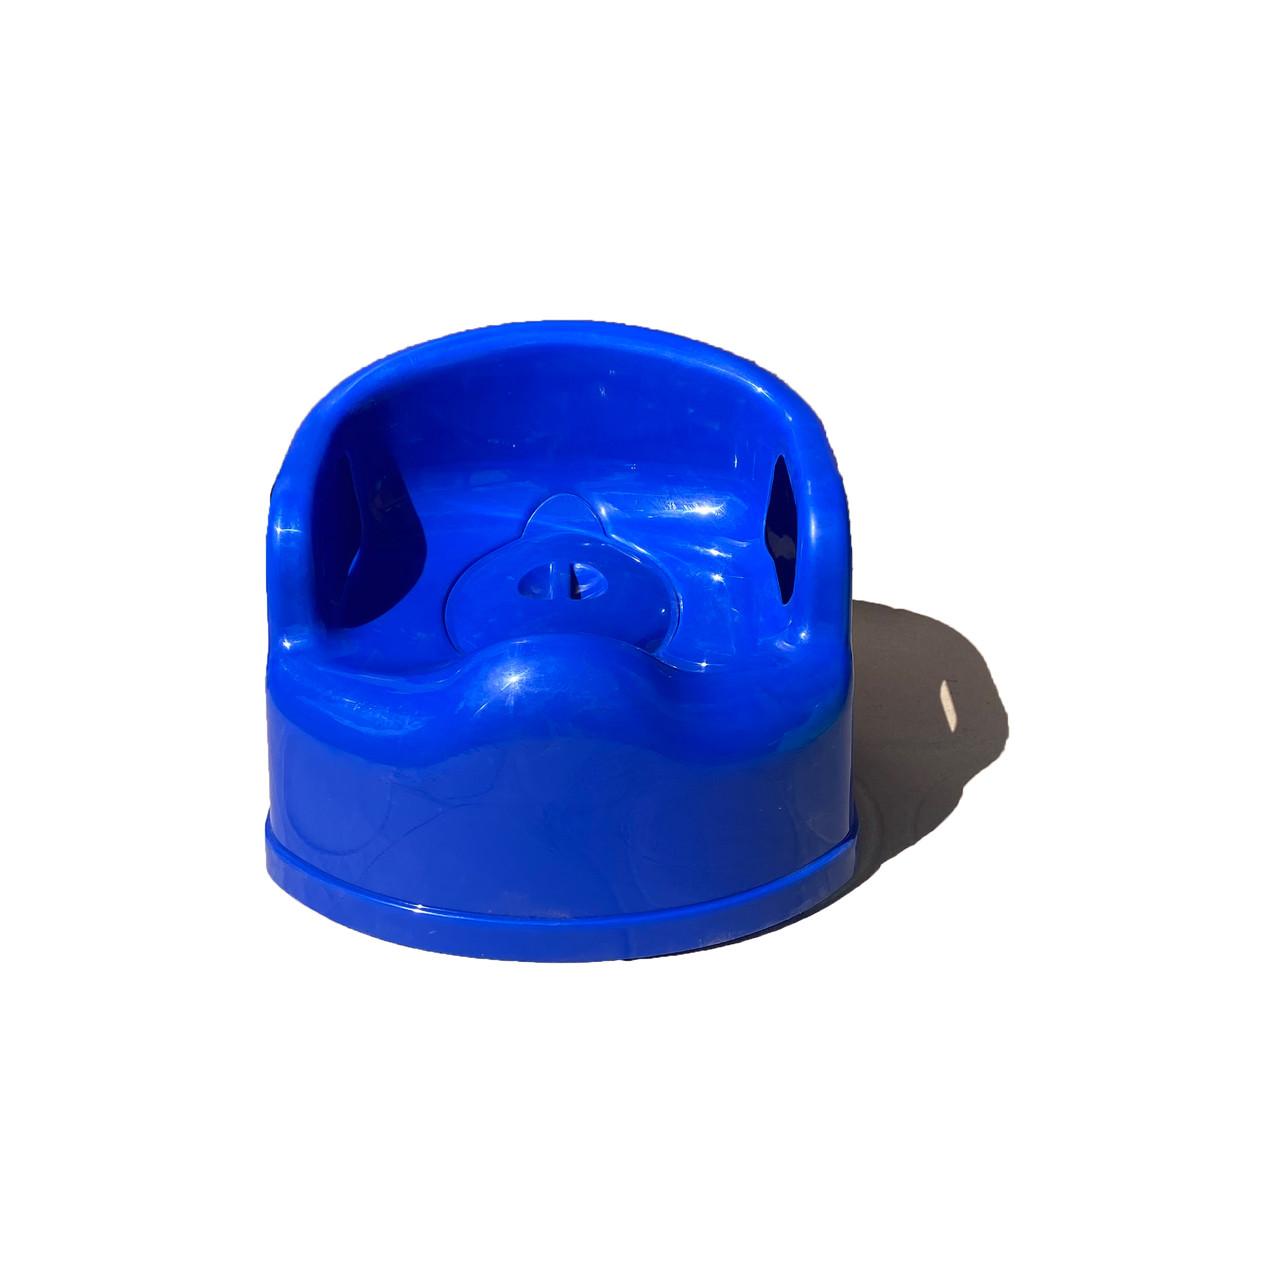 Горшок детский пластиковый с крышкой SL Люкс, Синий Консенсус